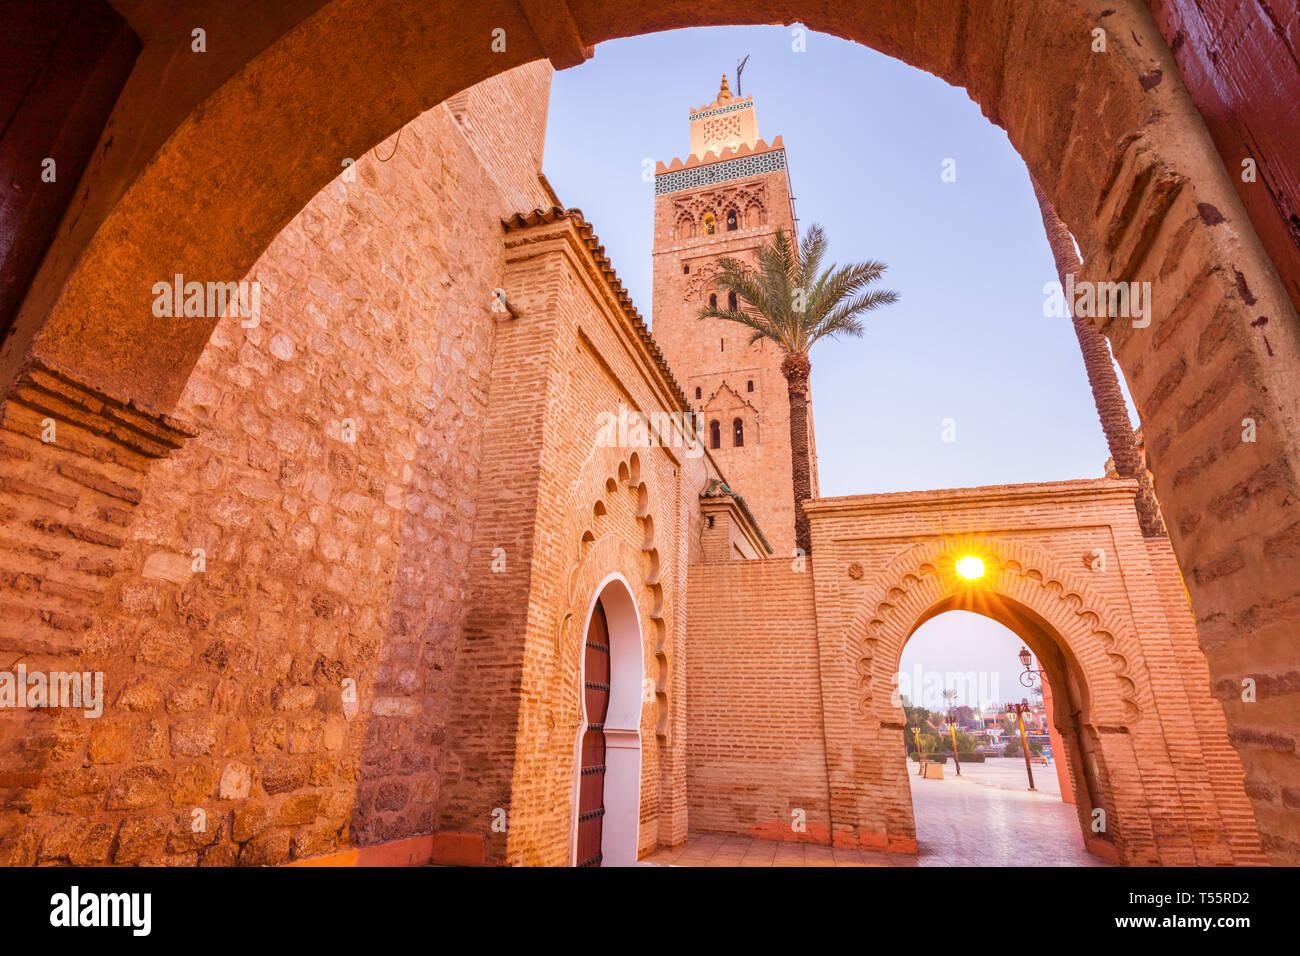 Ángulo de visión baja de la Mezquita de Koutoubia en Marrakesh, Marruecos Foto de stock